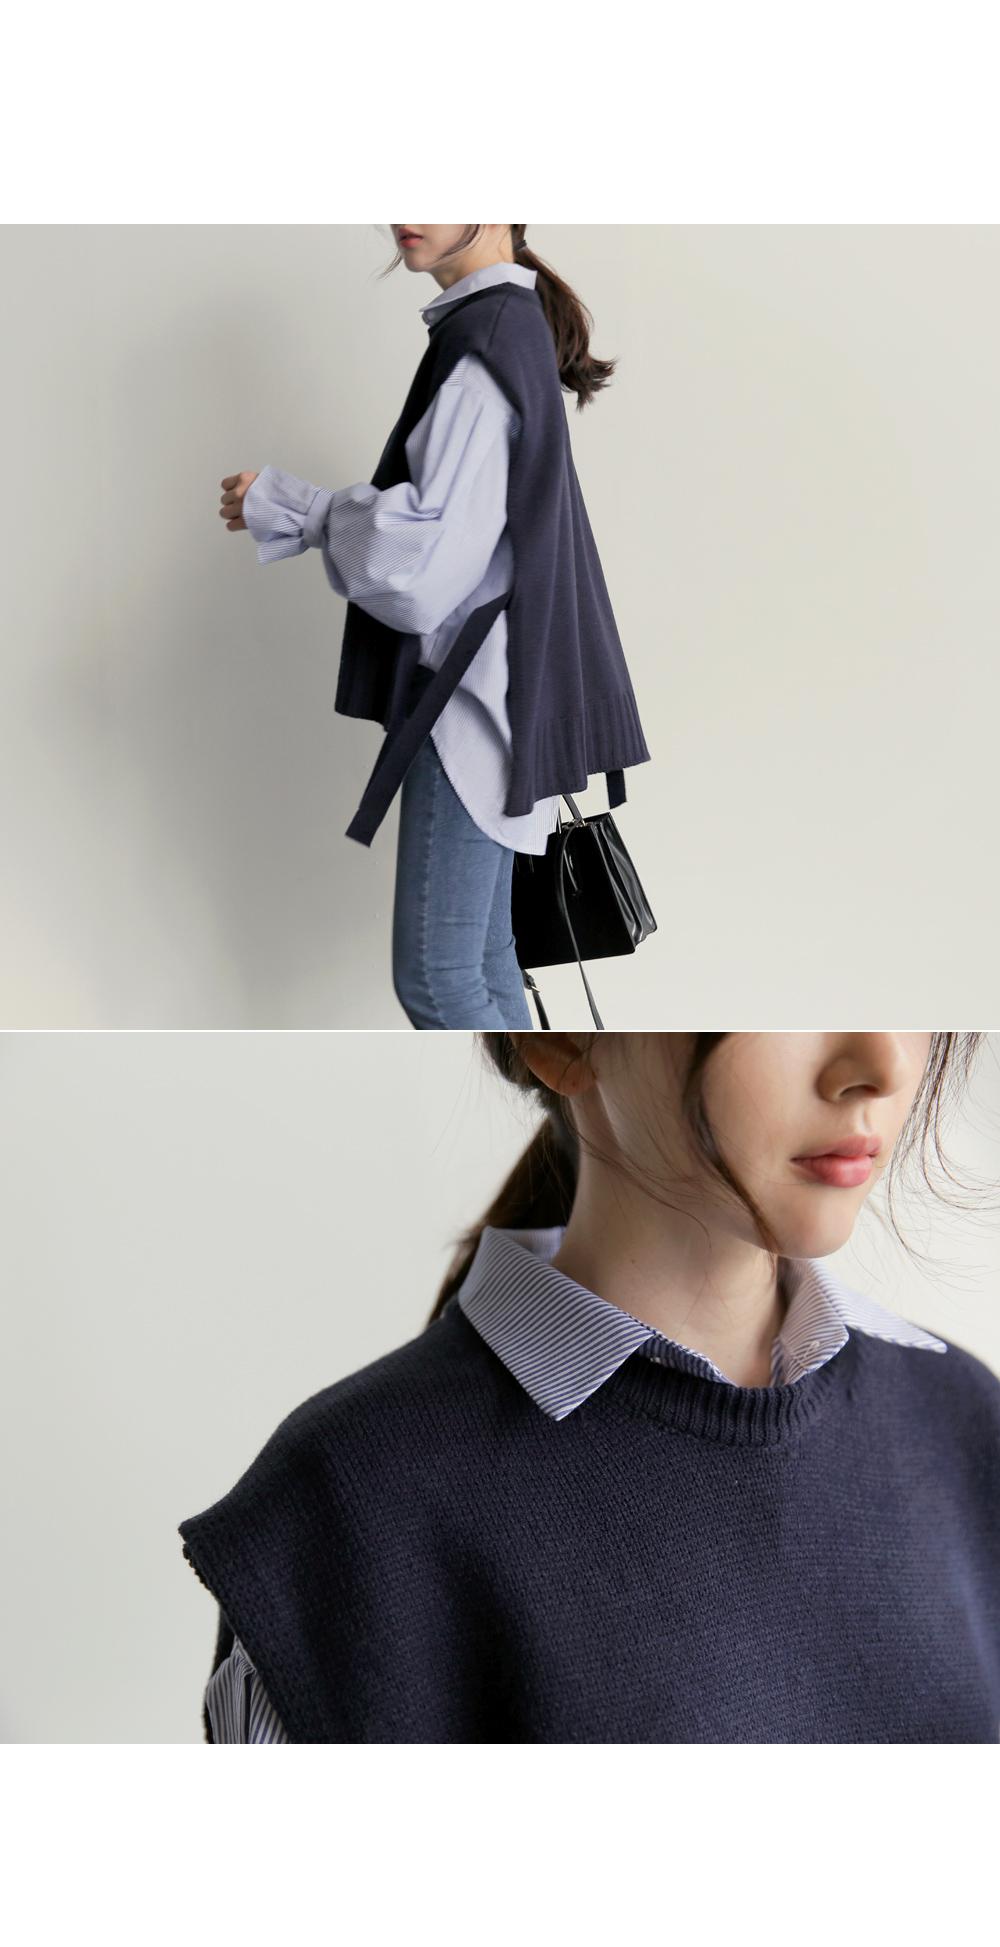 【即納】韓国 ファッション トップス ニット セーター 秋冬春 カジュアル SPTX5258  コーデに可愛げを呼ぶ。リボンディテールのニットベスト オルチャン シンプル 定番 セレカジの写真10枚目